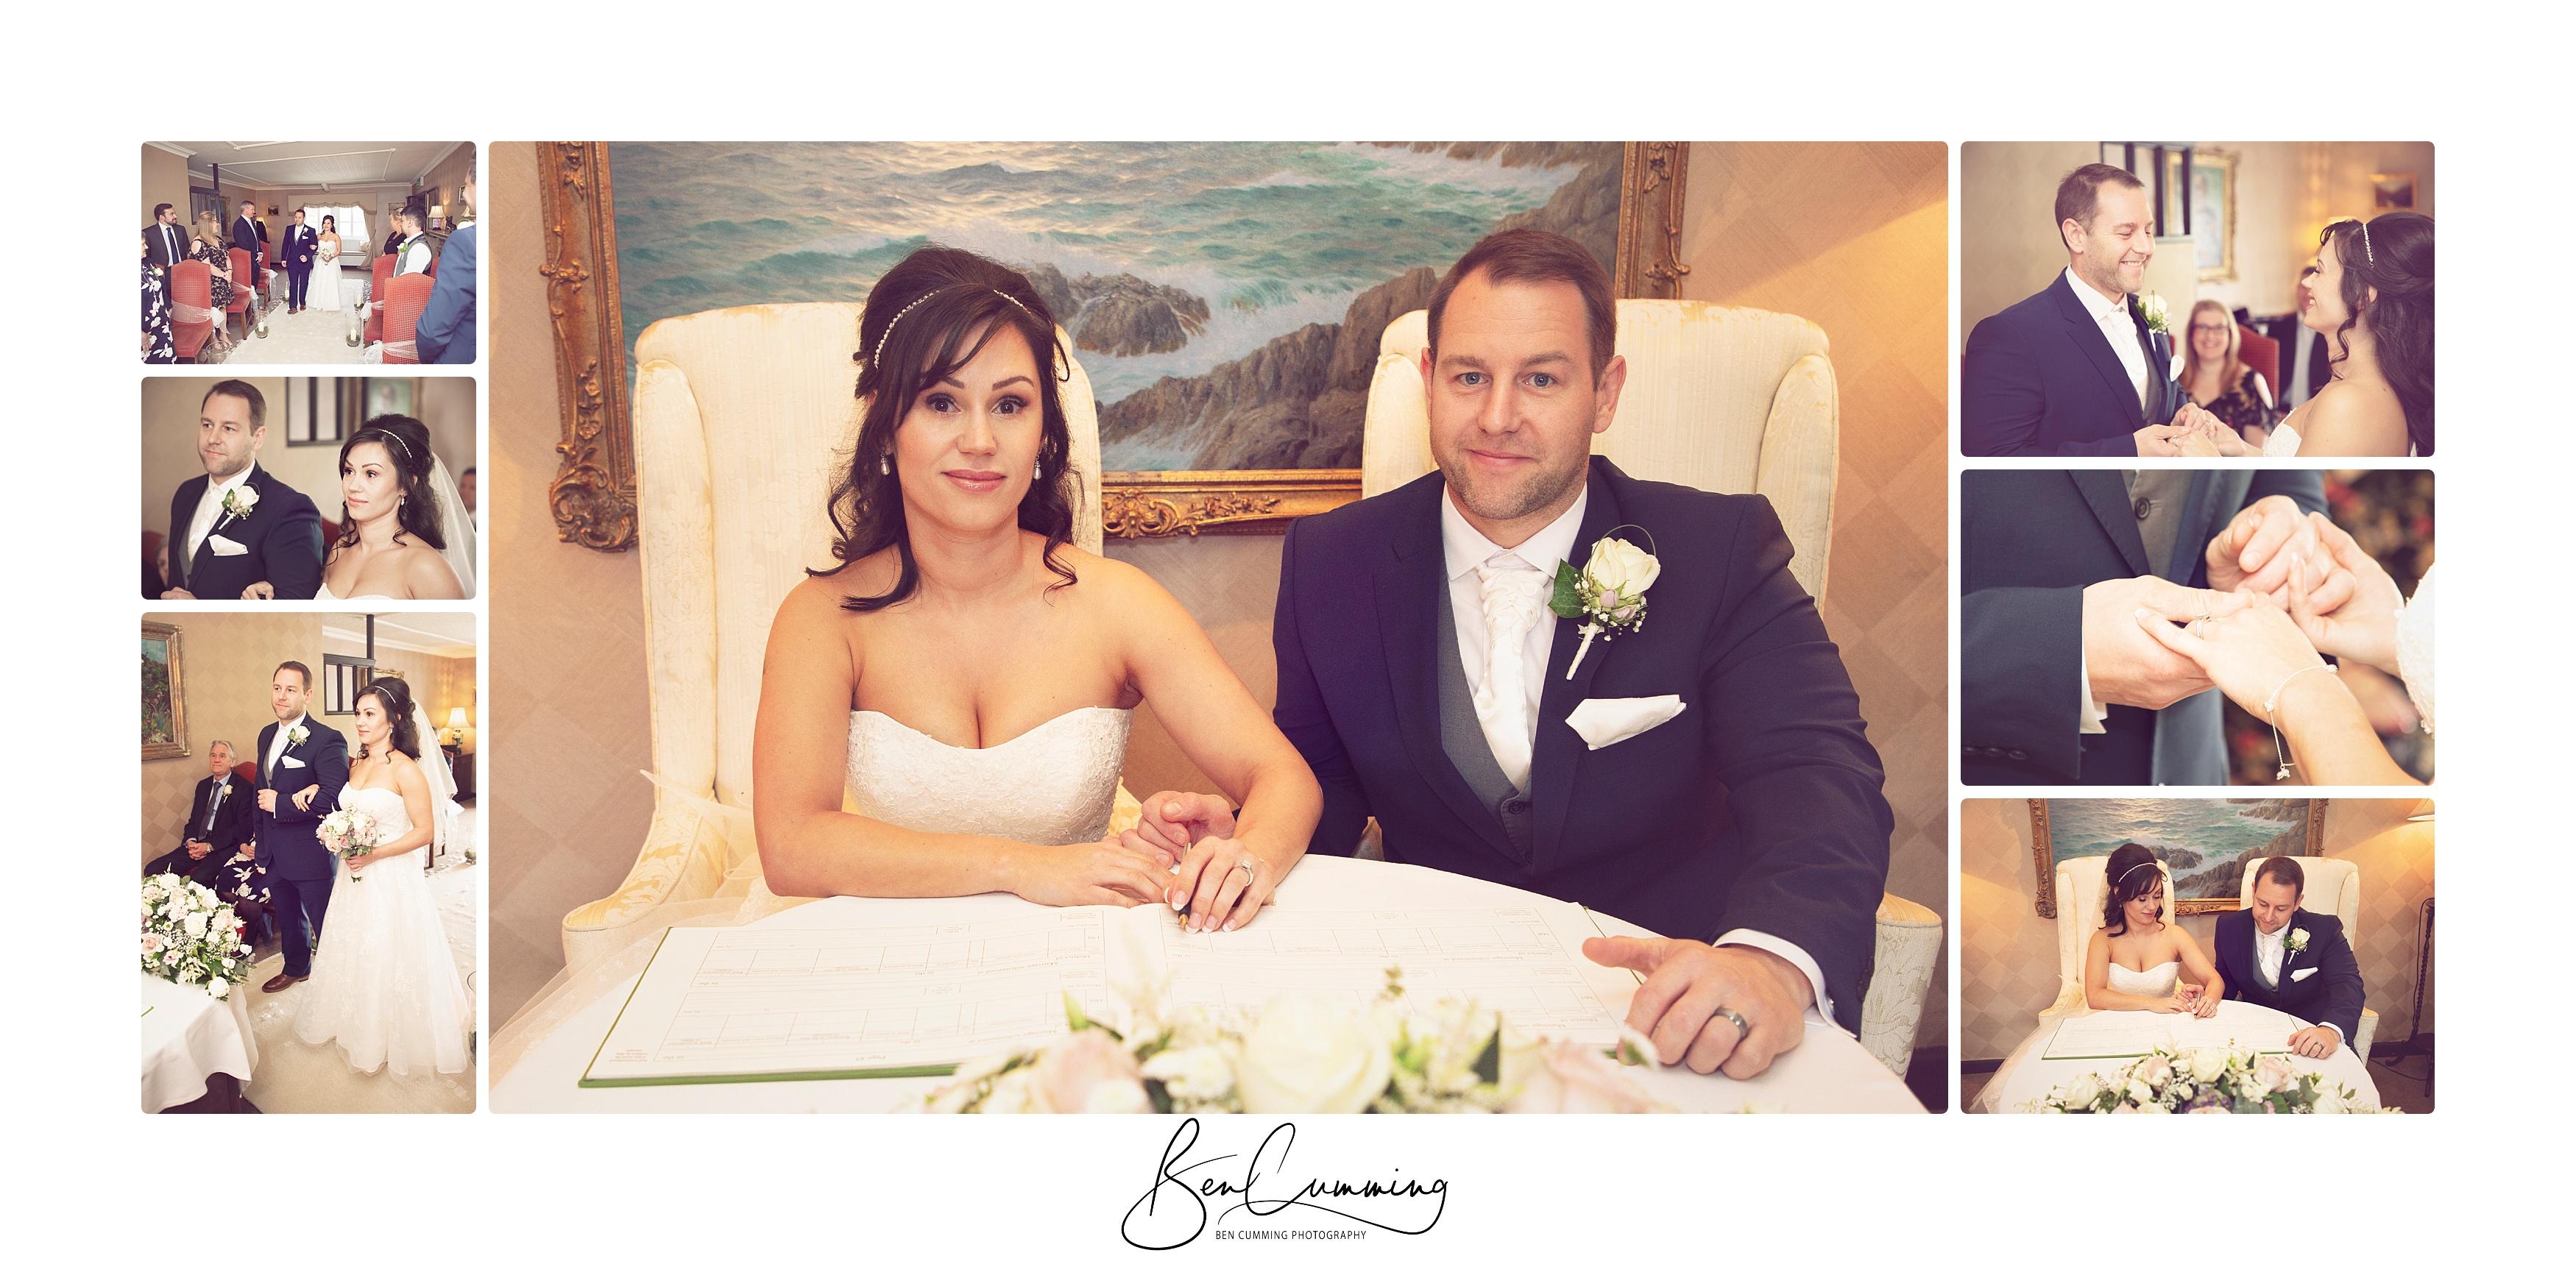 Leeds Wedding Photographer Ben Cumming Wedding Ceremony